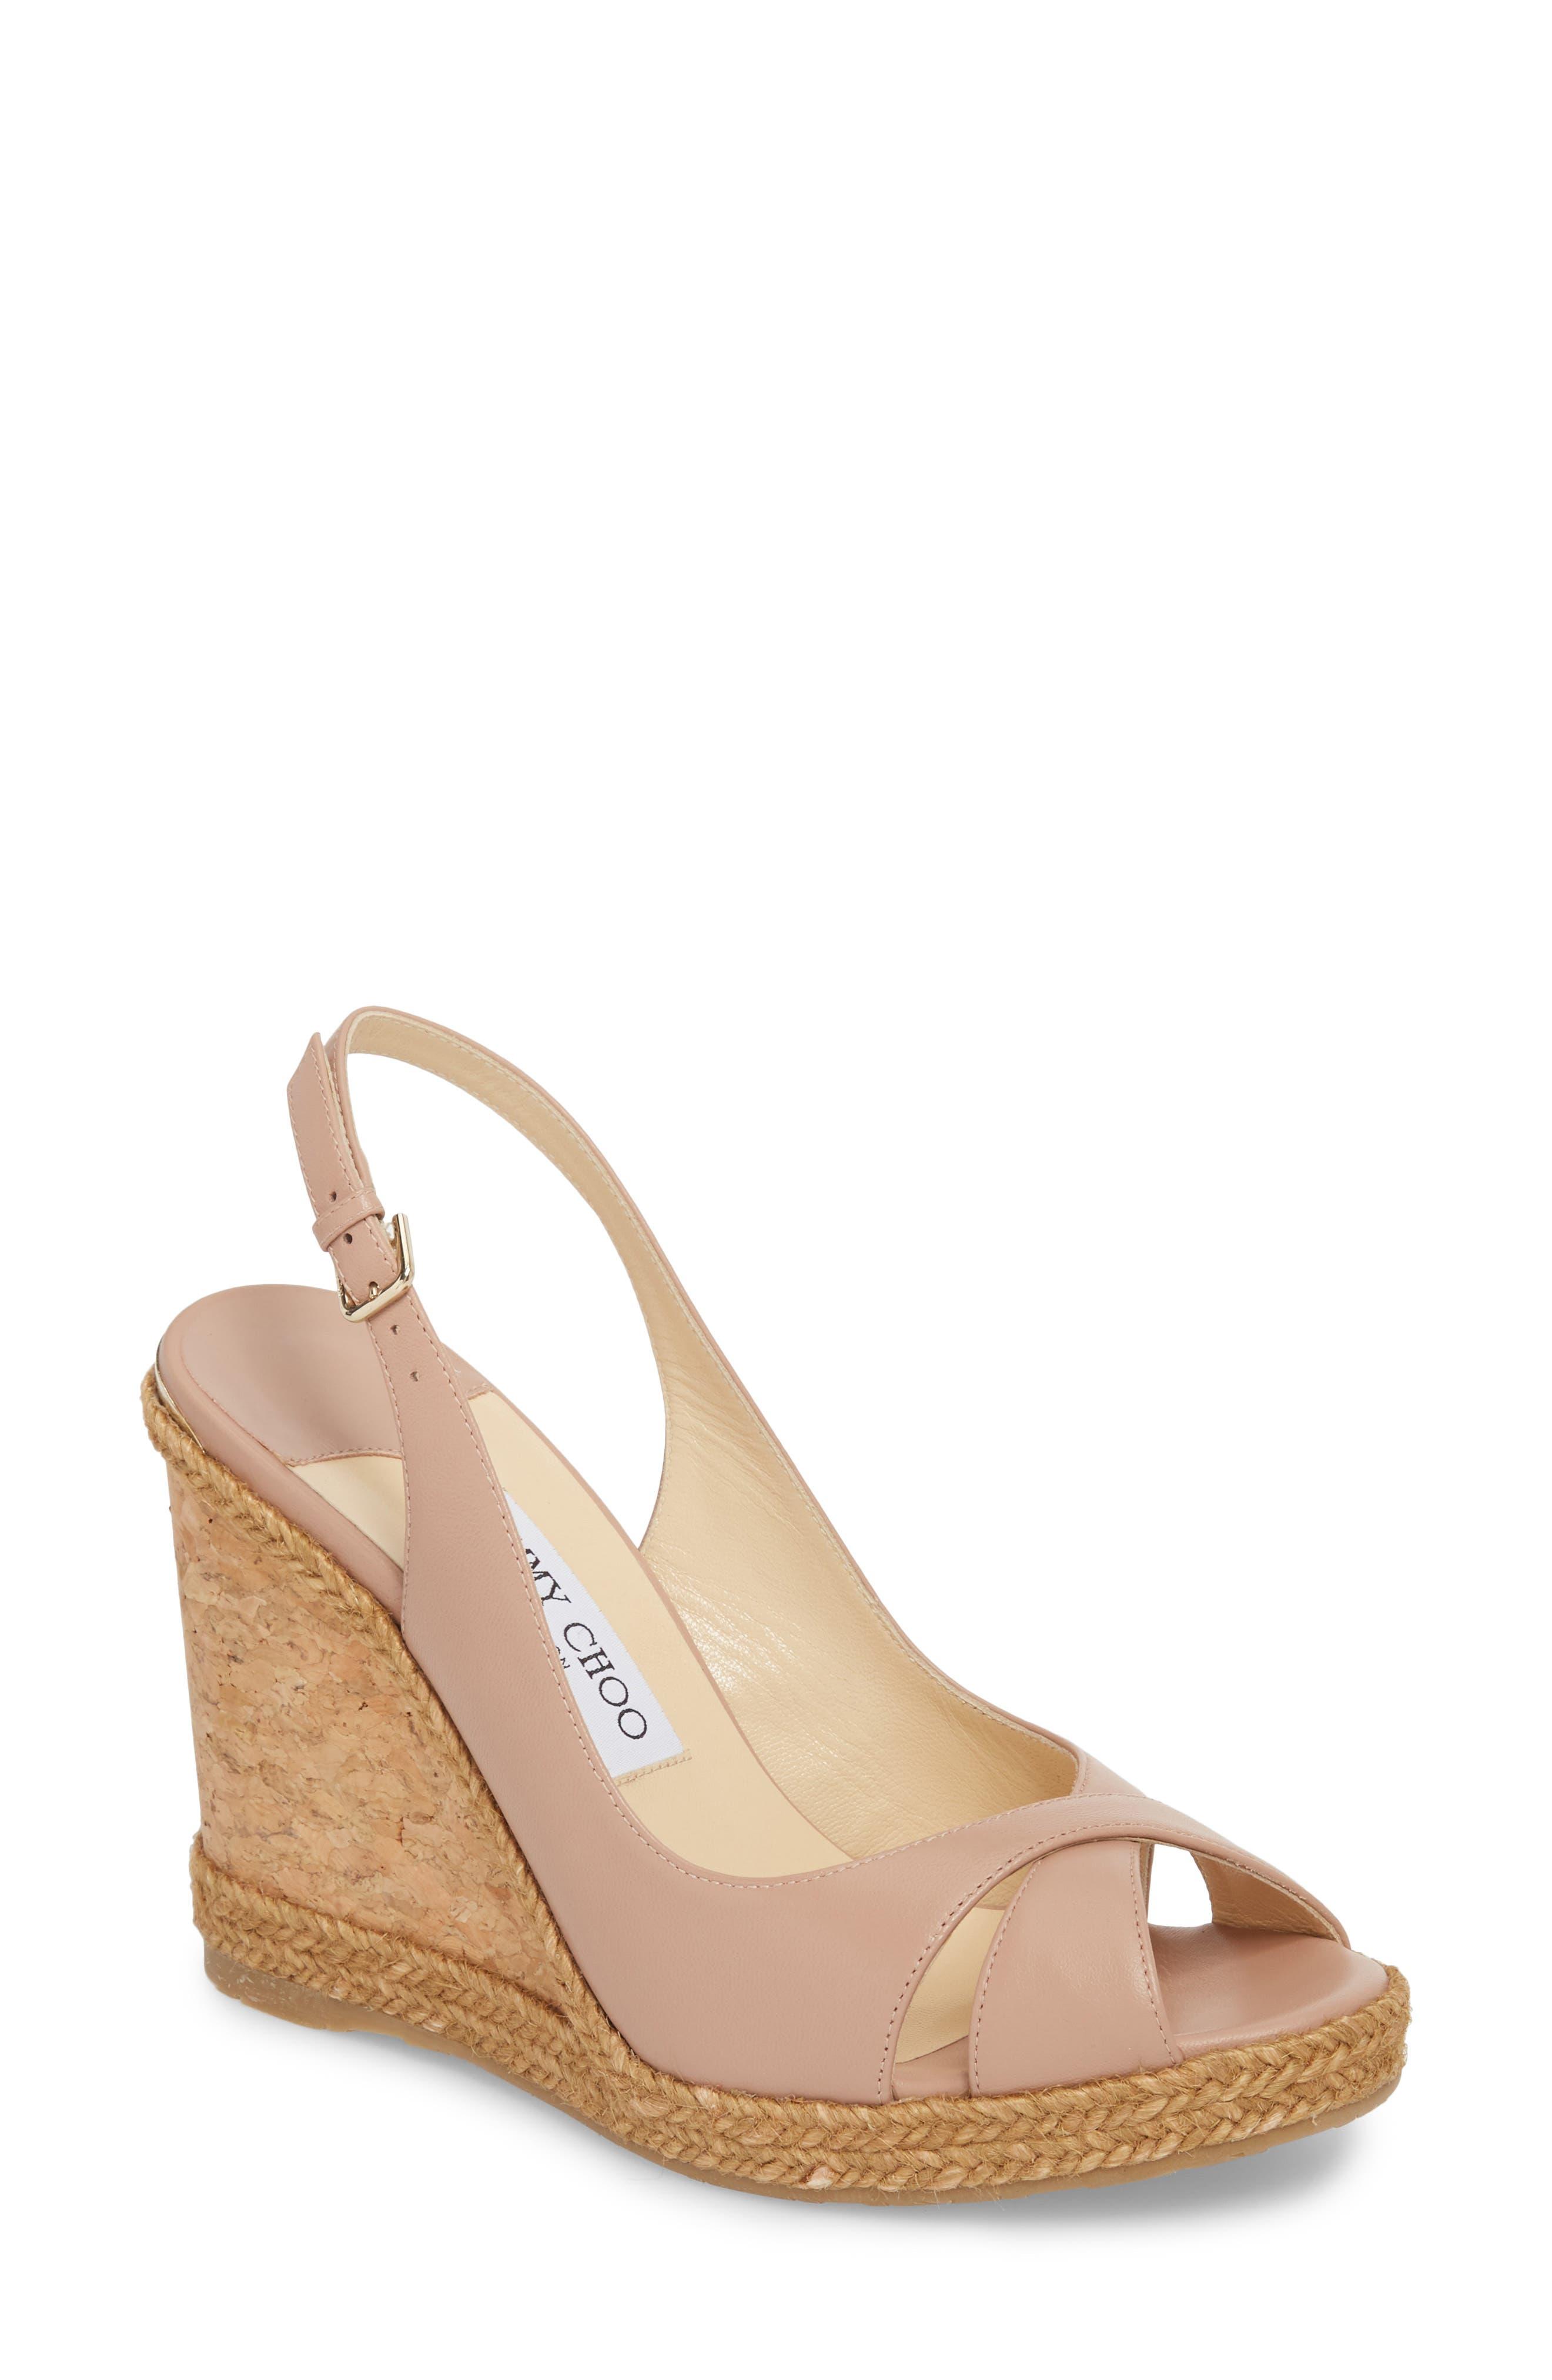 Jimmy Choo Amely Slingback Wedge Sandal (Women)